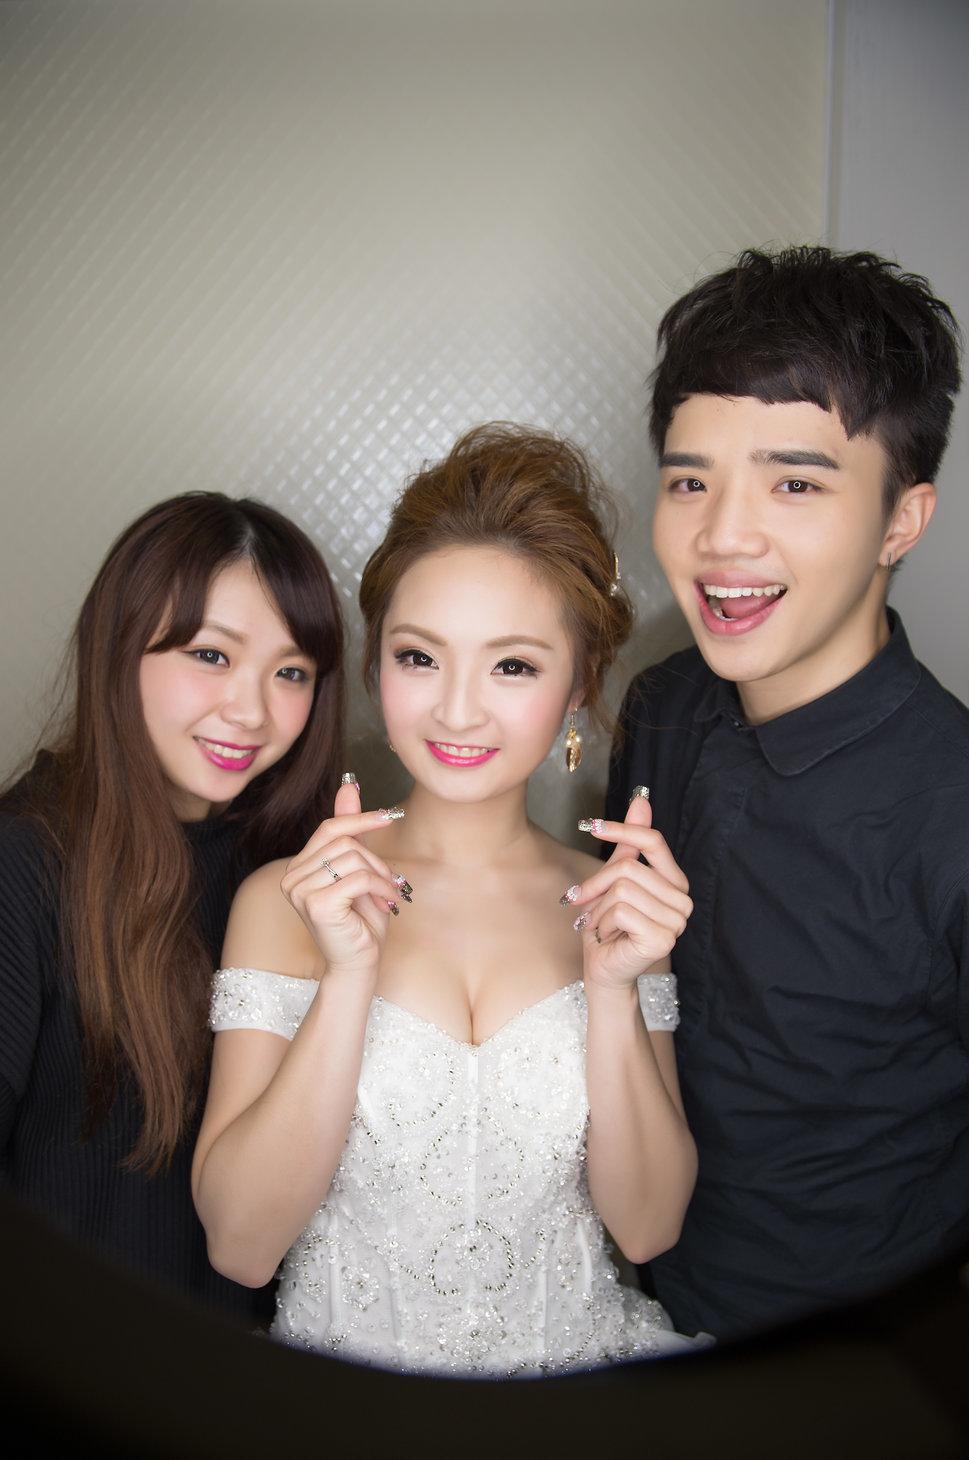 [台北婚攝] 訂婚迎娶儀式@樹林雙岩龍鳳城(編號:432270) - LoveStoryAllen IMAGE - 結婚吧一站式婚禮服務平台